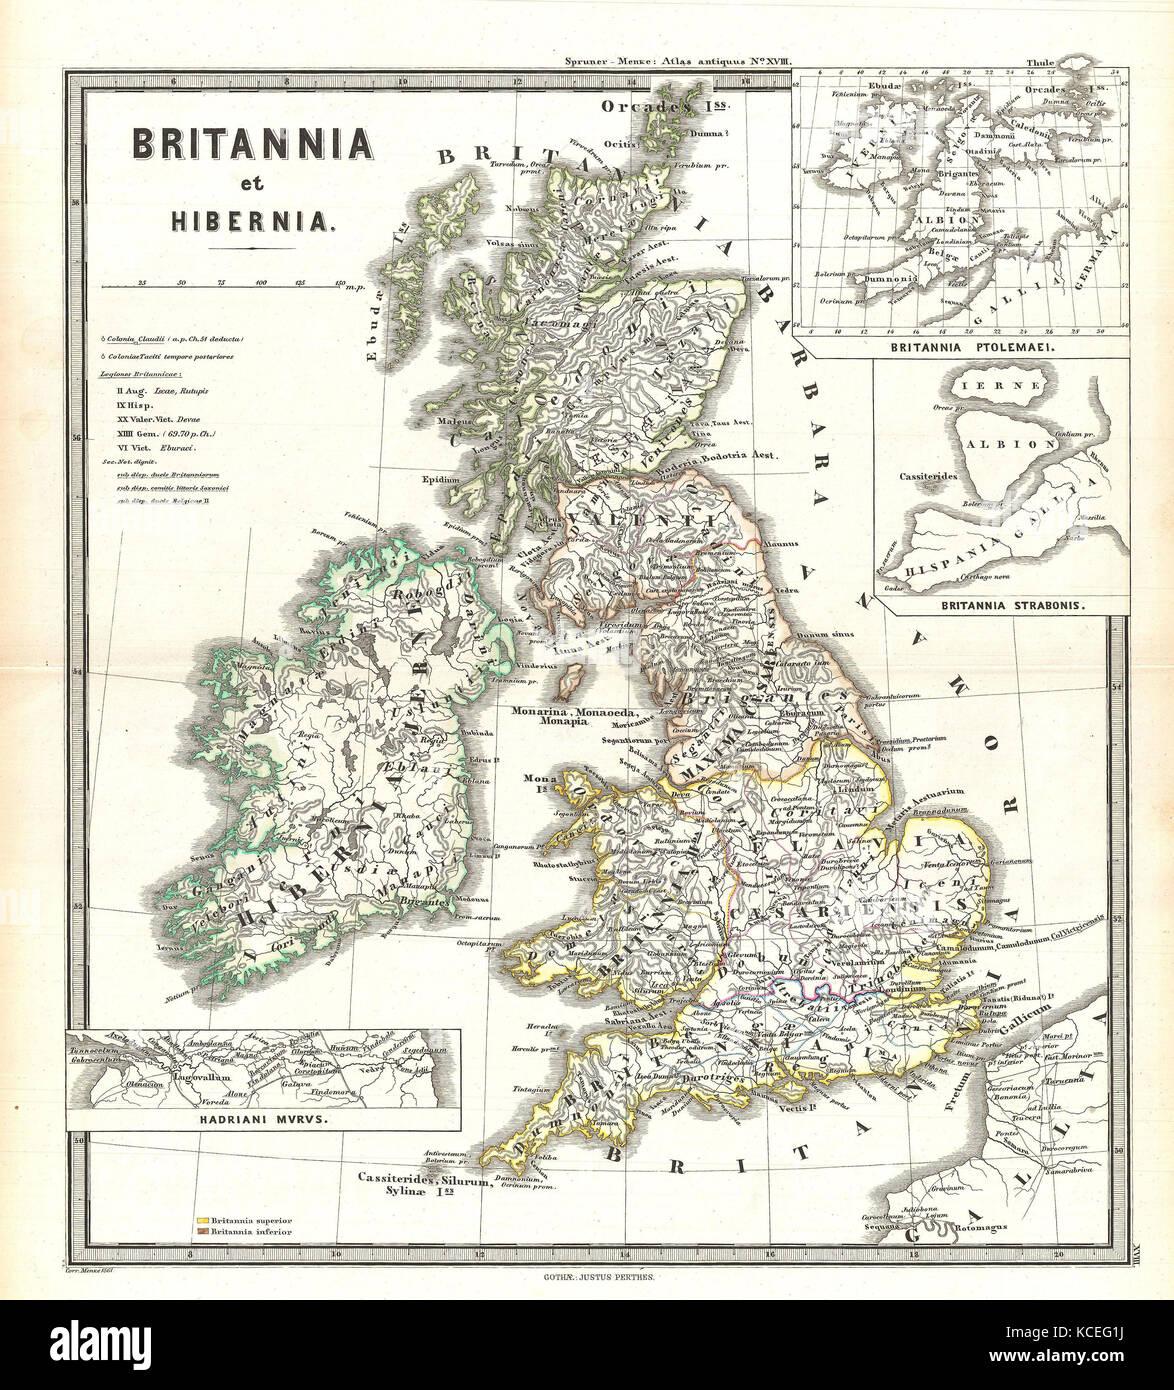 Carte Angleterre Ecosse.Spruner 1865 Carte Des Iles Britanniques L Angleterre Ecosse